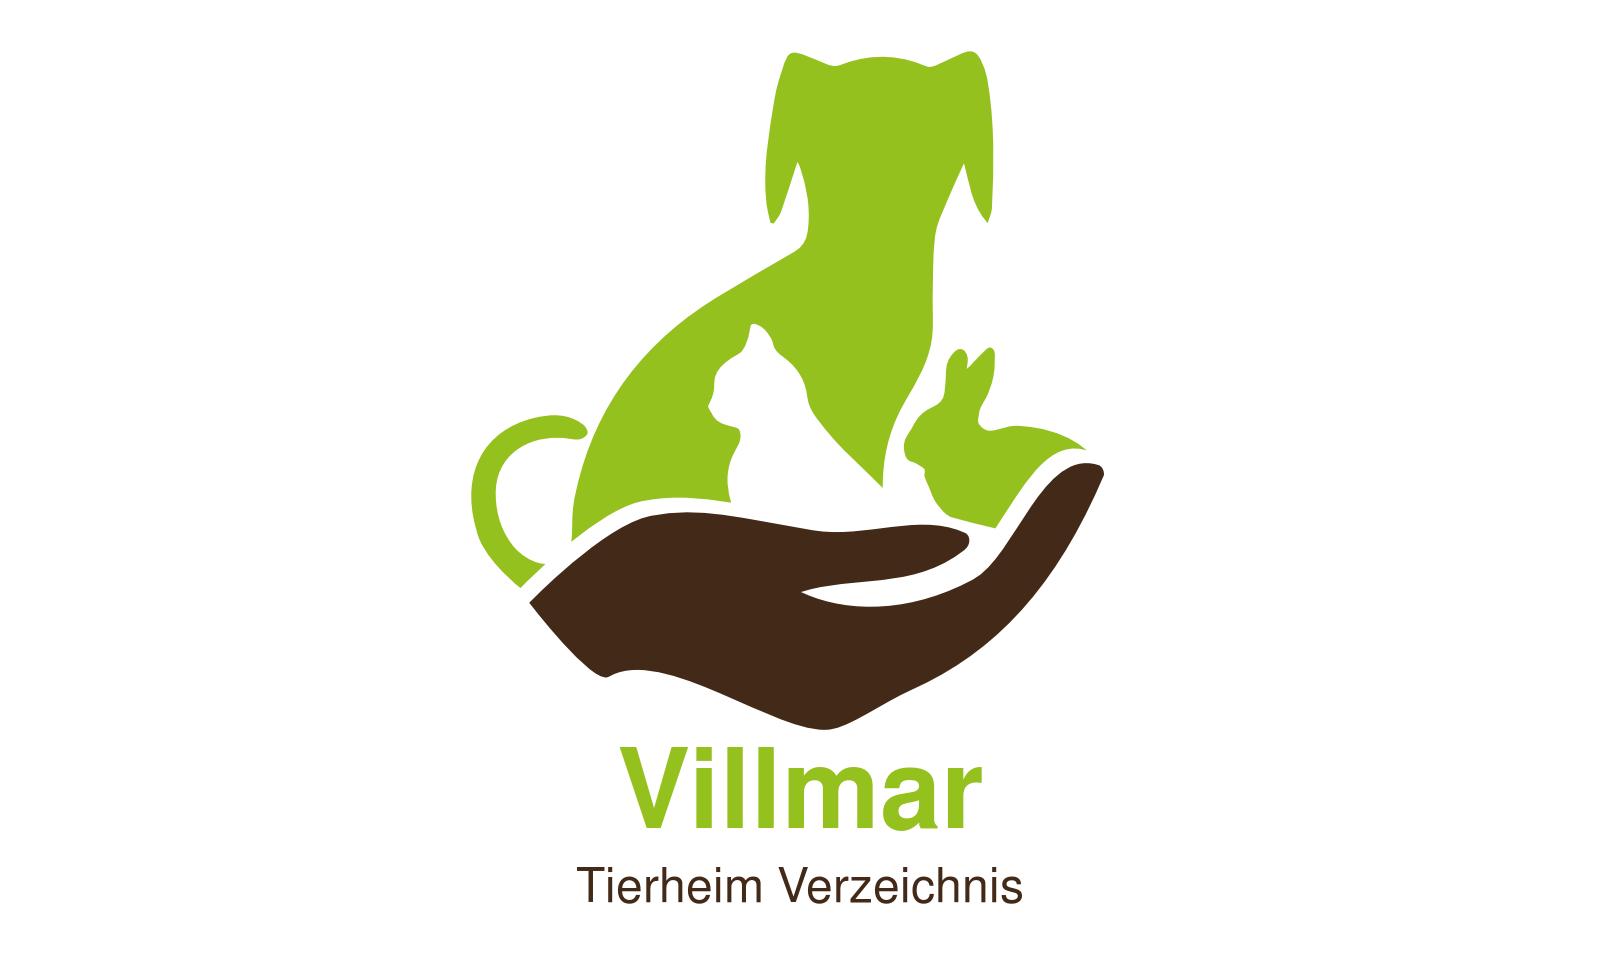 Tierheim Villmar